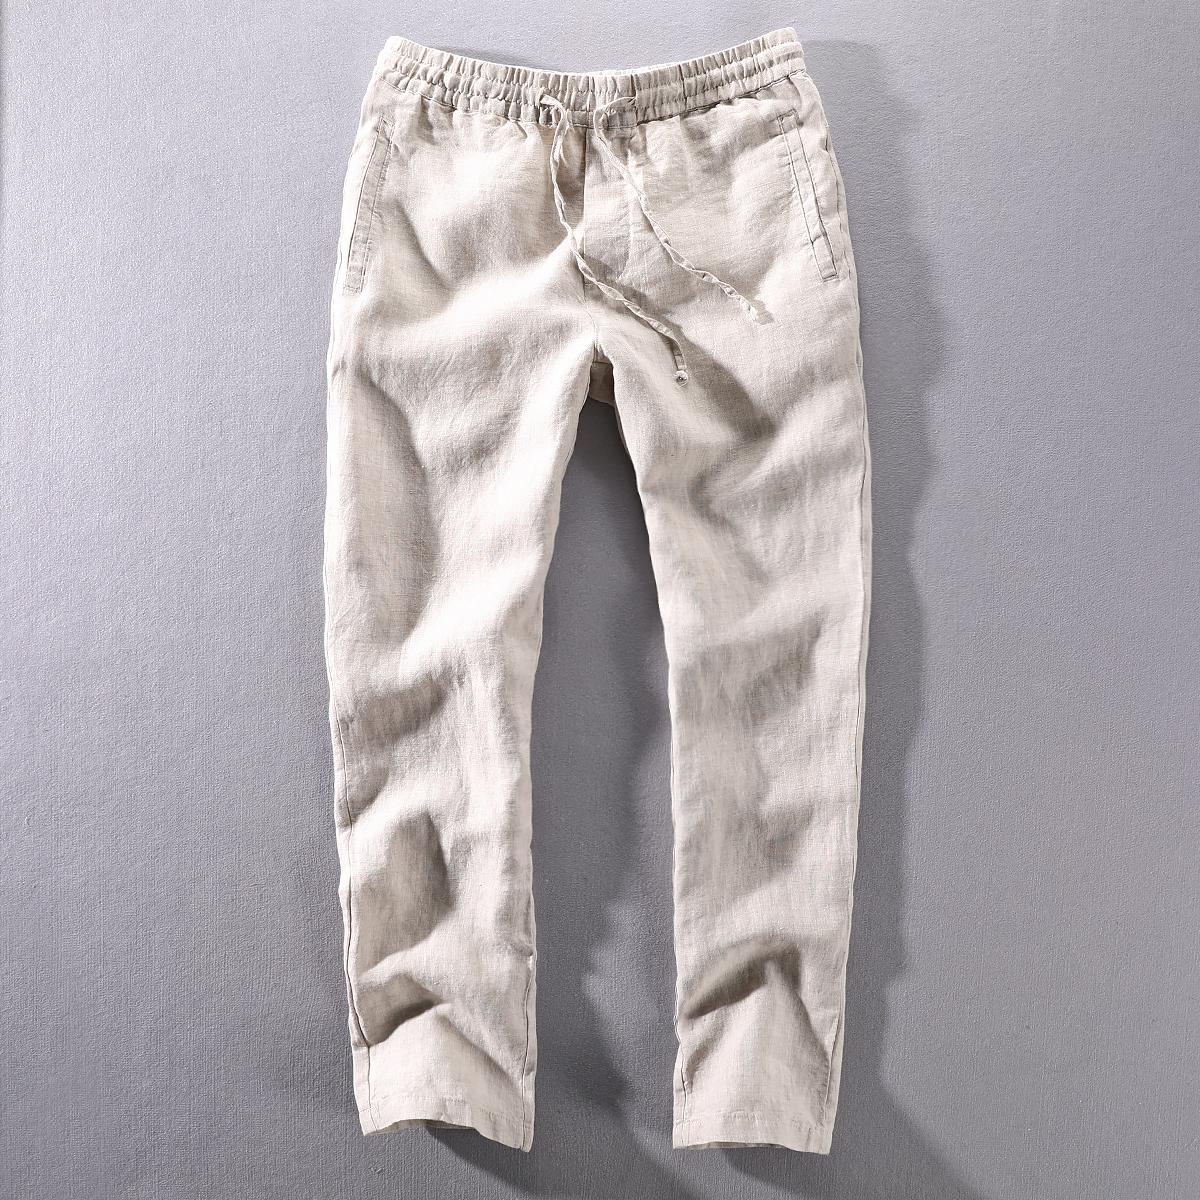 夏季男士新款休闲亚麻裤松紧腰绳直筒轻薄透气纯麻布料男款长裤子